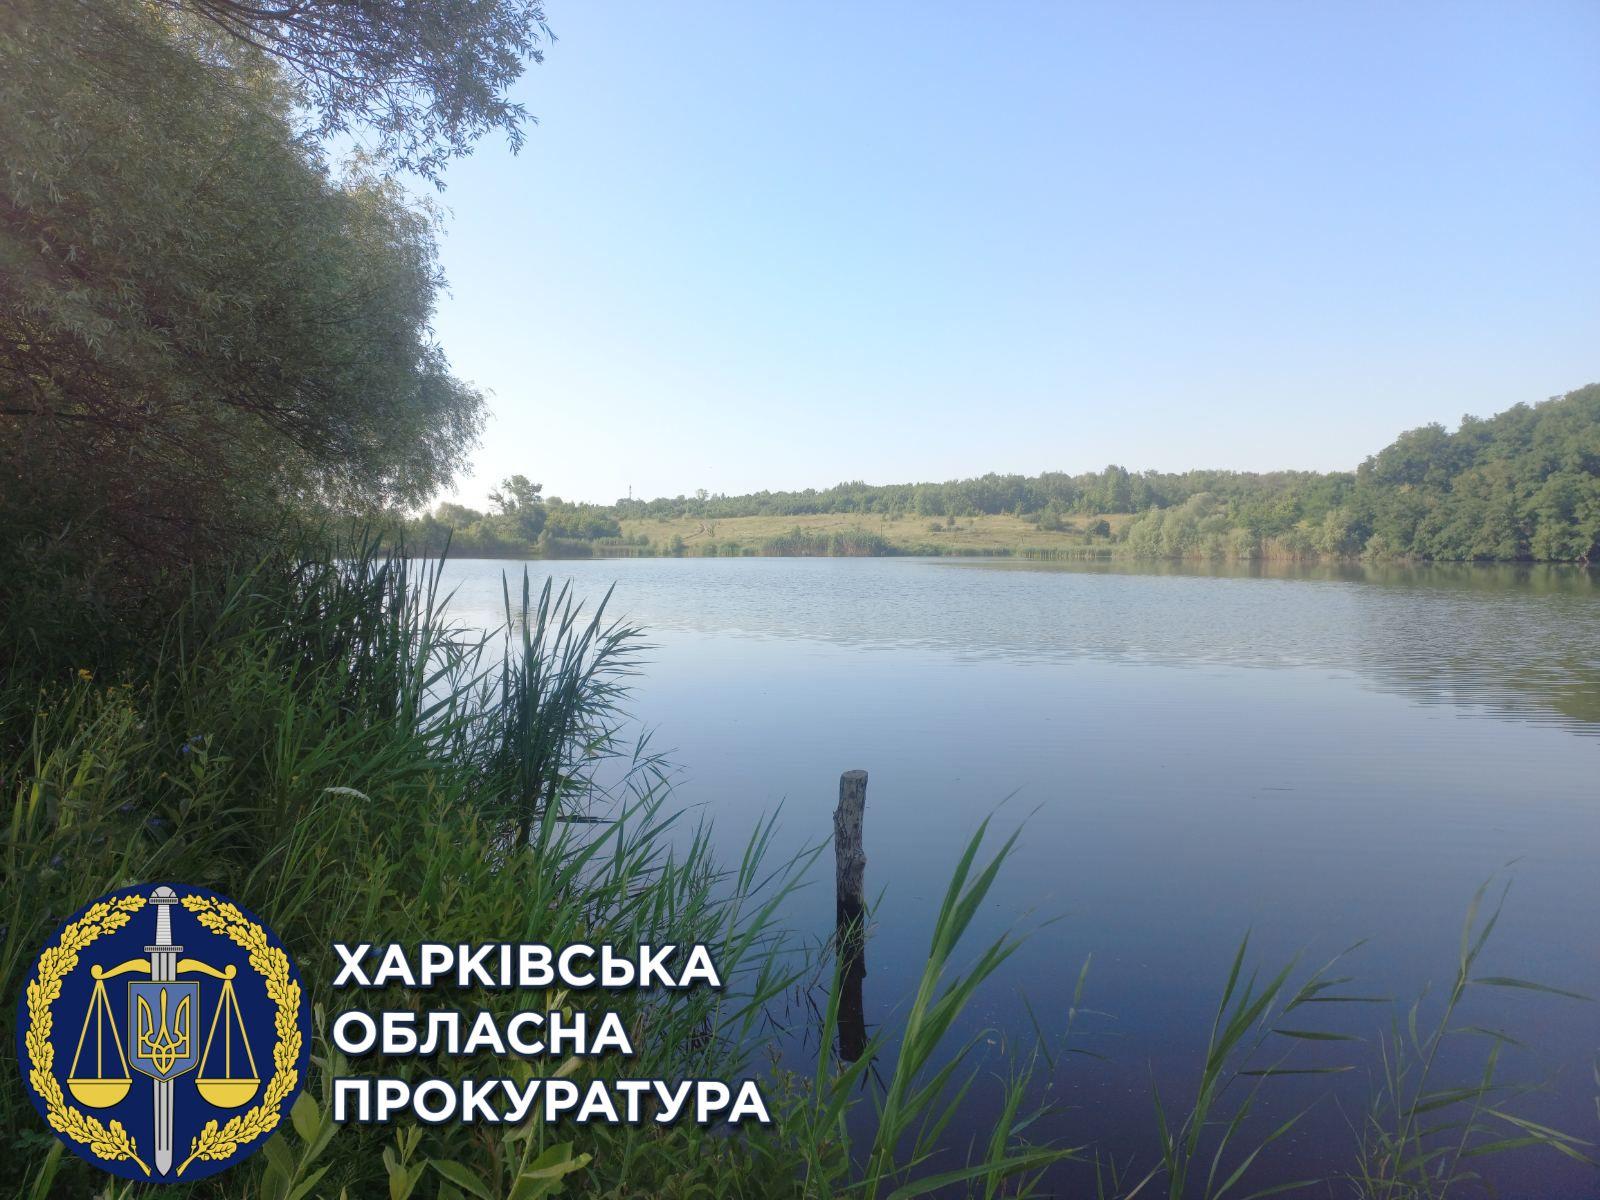 В ведение государства вернули участки земли в Харьковской области стоимостью 260 млн грн (фото)